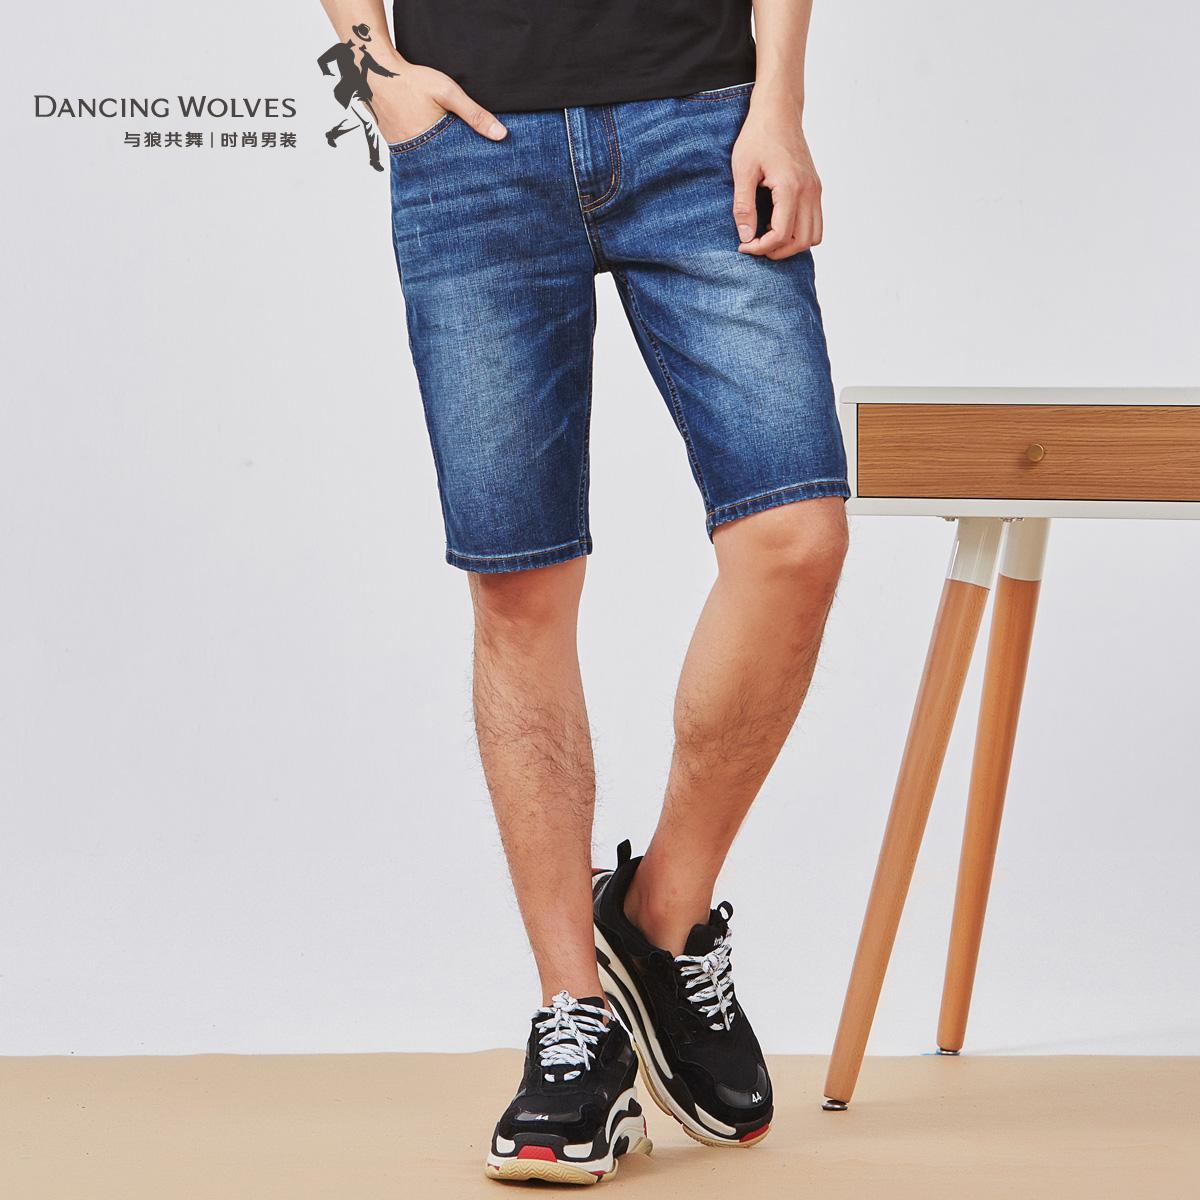 与狼共舞牛仔短裤男士2018夏季新款潮流水洗修身牛仔五分裤子男装